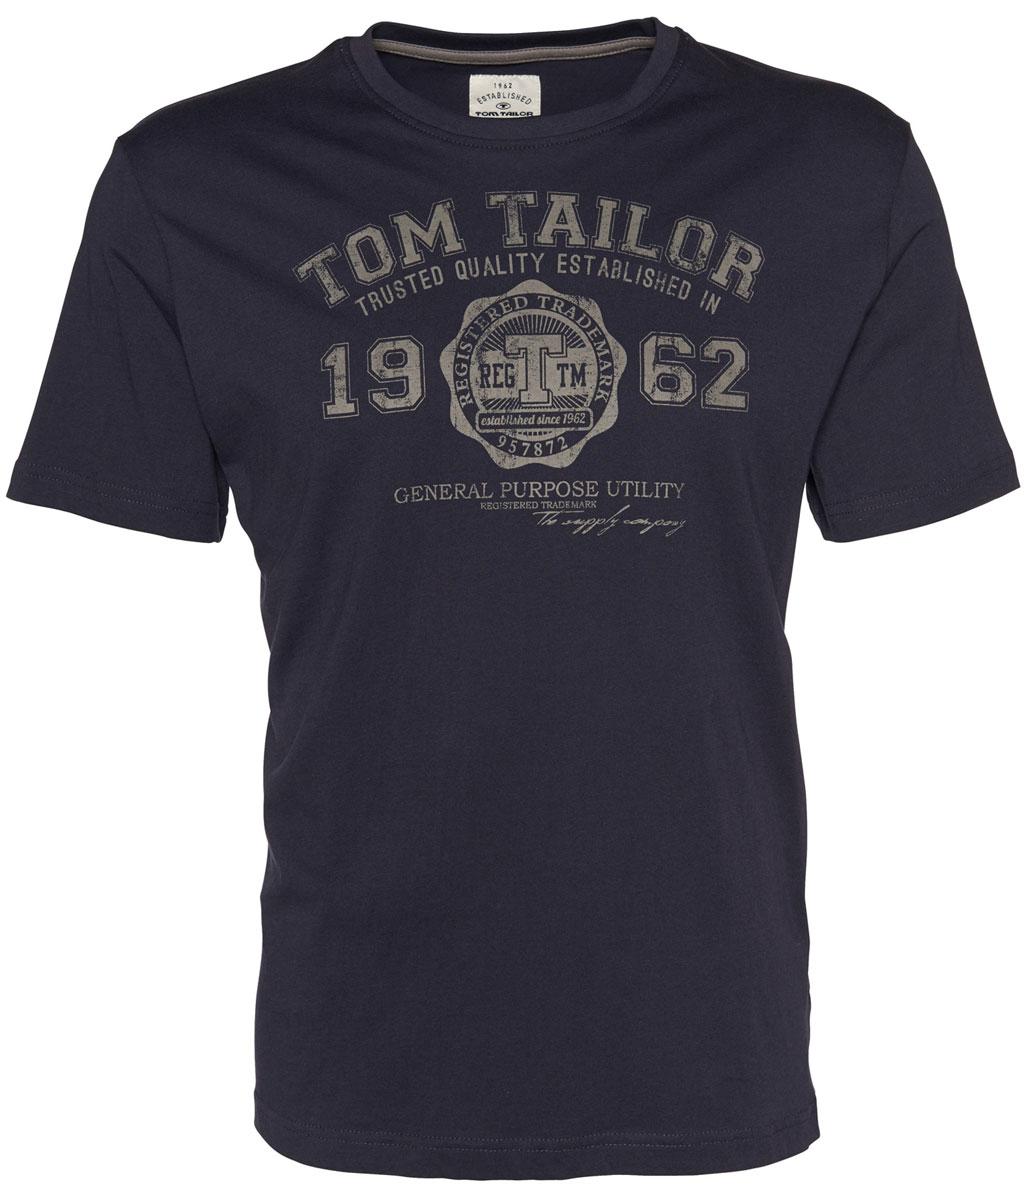 Футболка мужская Tom Tailor, цвет: темно-синий, серый. 1023549.09.10_6000. Размер XXXL (56)1023549.09.10_6000Модная мужская футболка Tom Tailor, изготовленная из натуральногохлопка, прекрасно подойдет для повседневной носки. Материал очень мягкий иприятный на ощупь, не сковывает движения и позволяет коже дышать. Футболка с короткими рукавами и круглым вырезом горловины оформленаоригинальным принтовым рисунком и различными надписями. В ней вы всегда будете чувствовать себя уютно и комфортно.